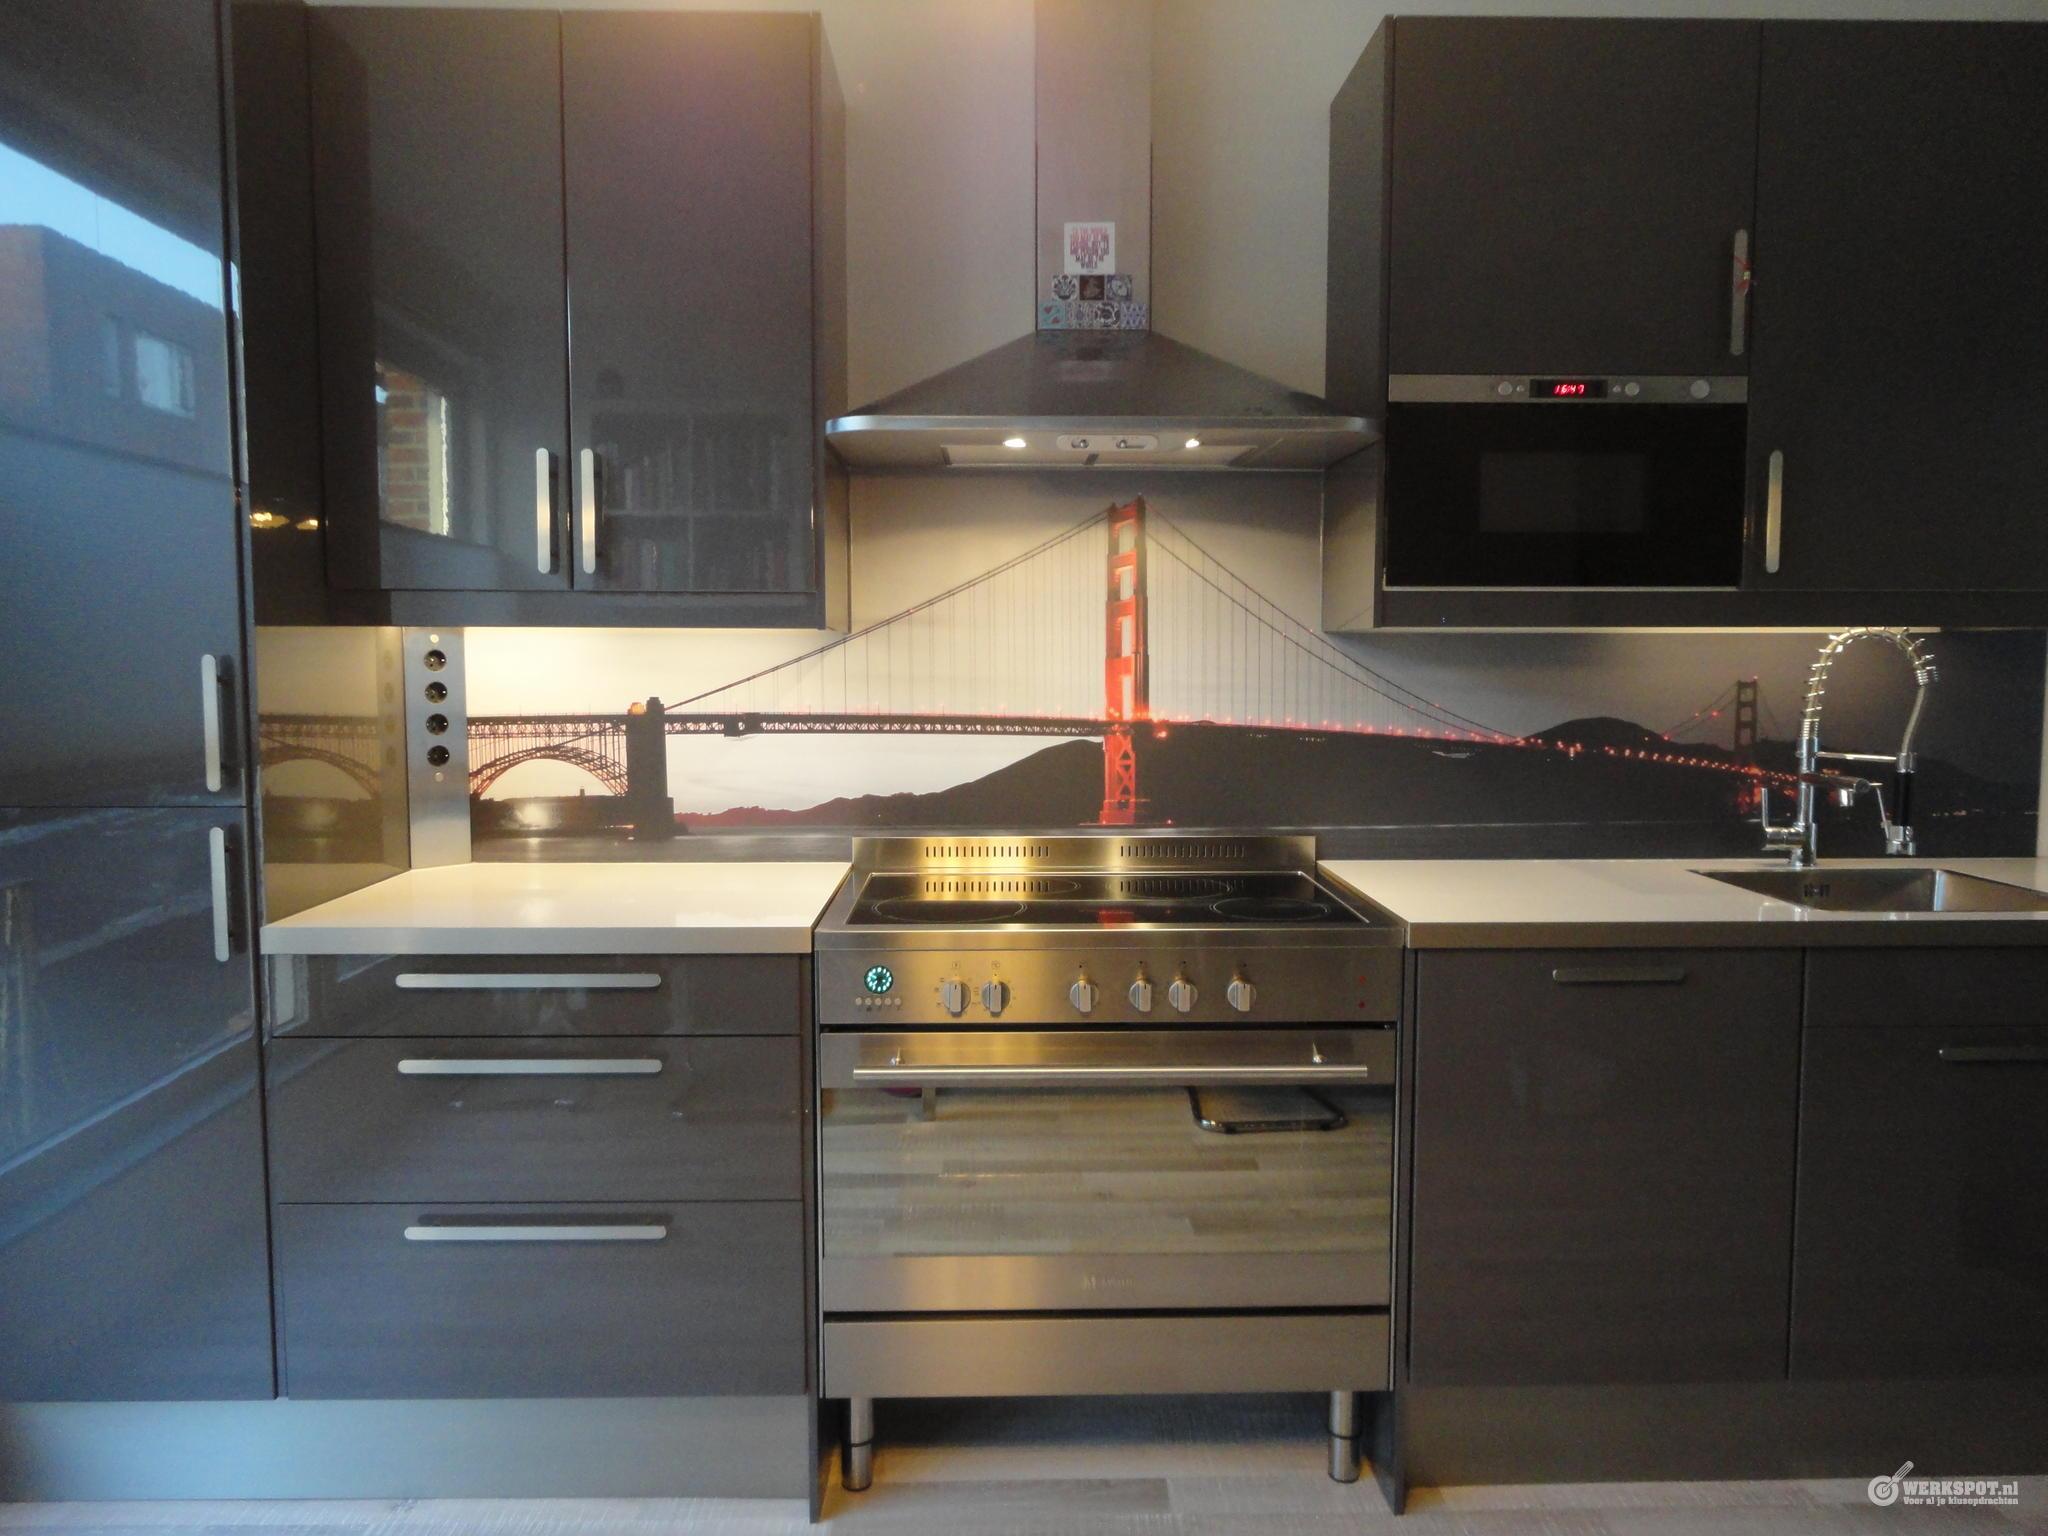 Wand Ikea Keuken : Ikea keuken montage incl schiereiland werkspot